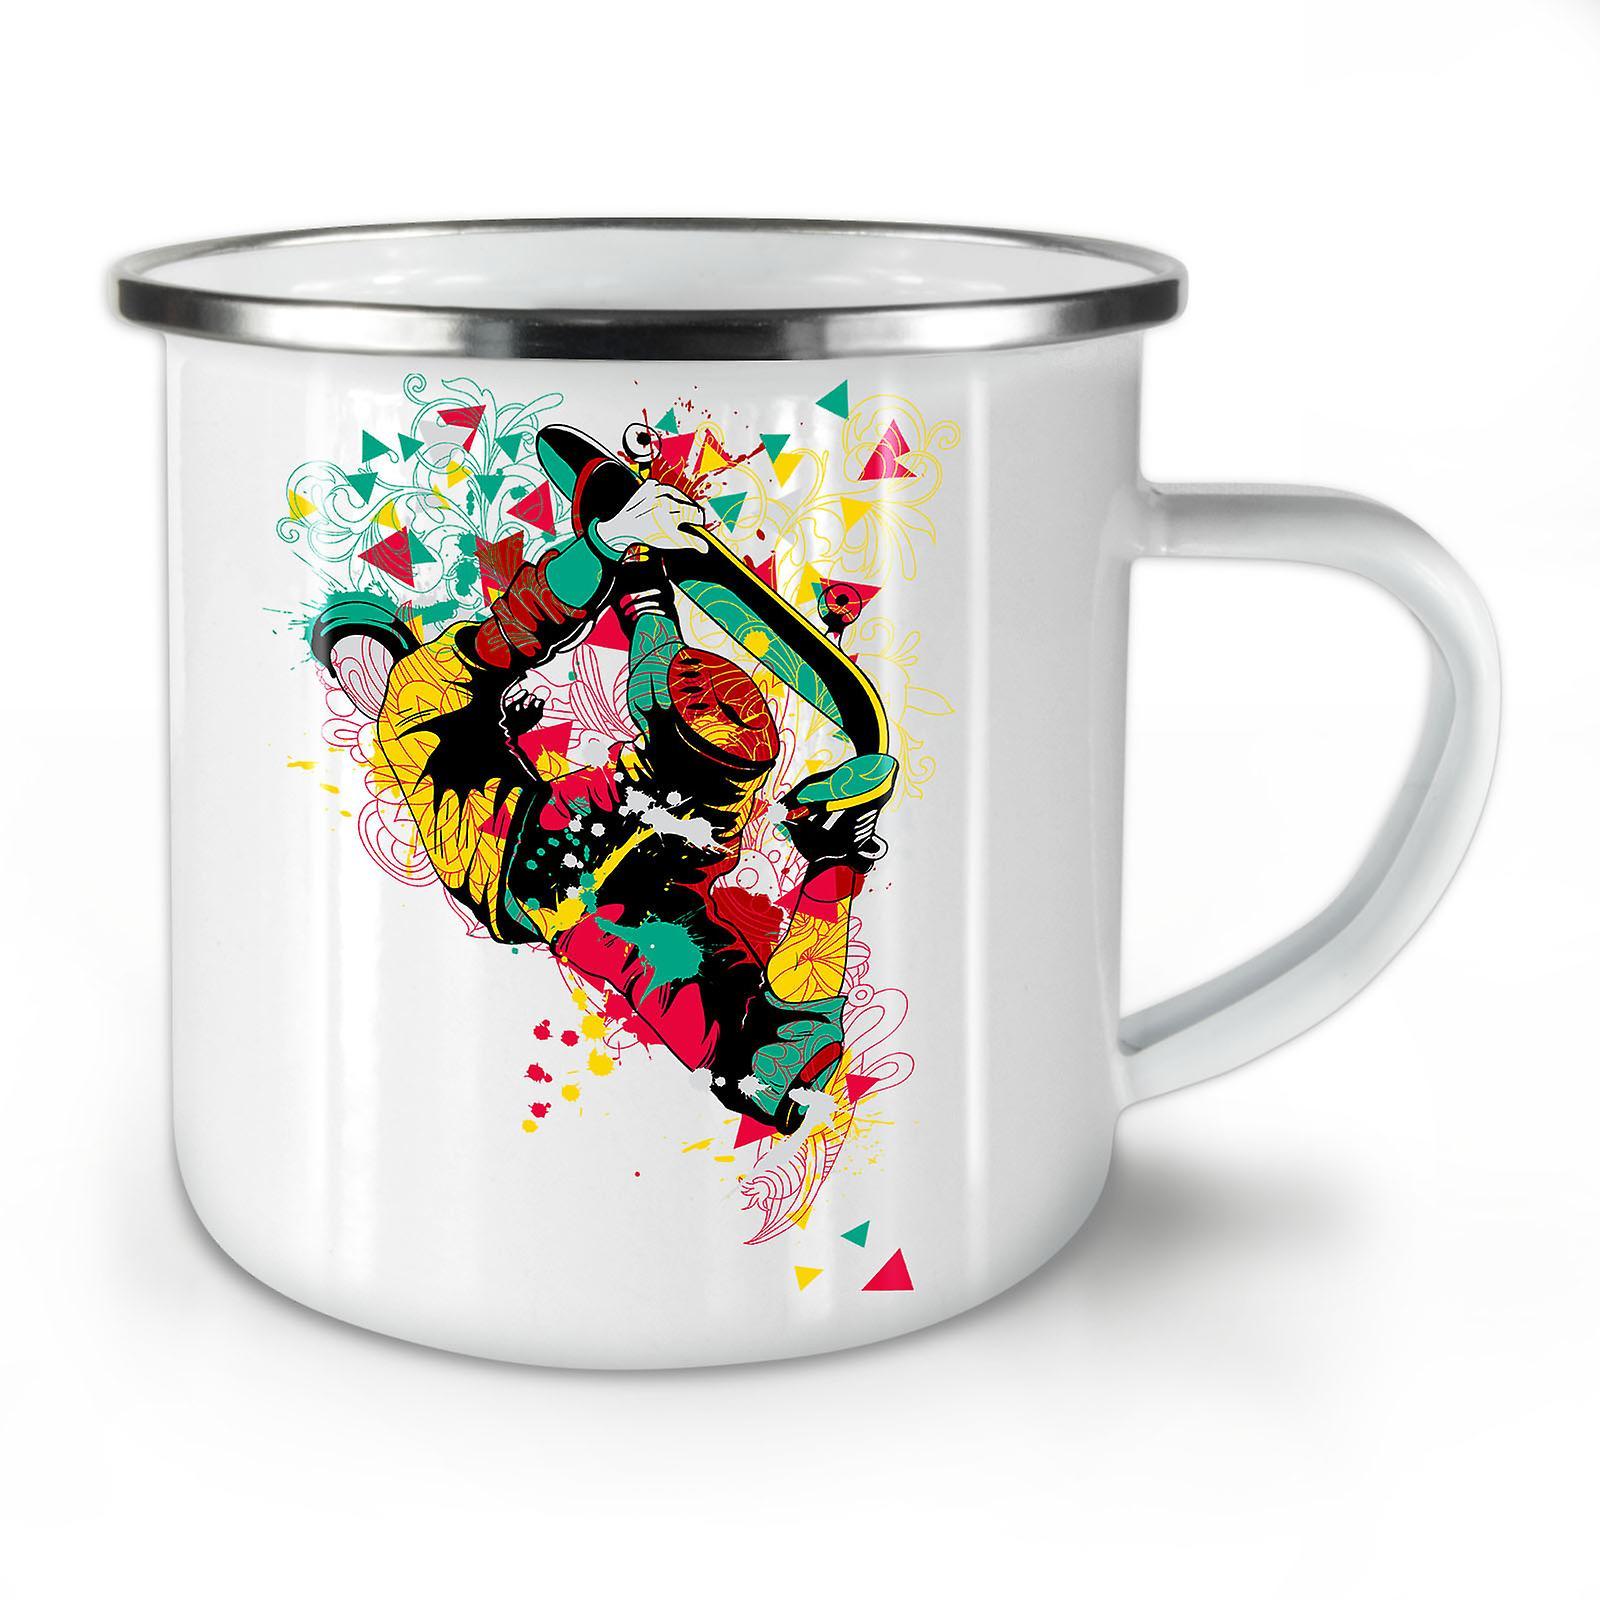 Café Musique Nouvelle Whitetea Géométrie Mug10 Colorée Émail OzWellcoda D9H2IWE